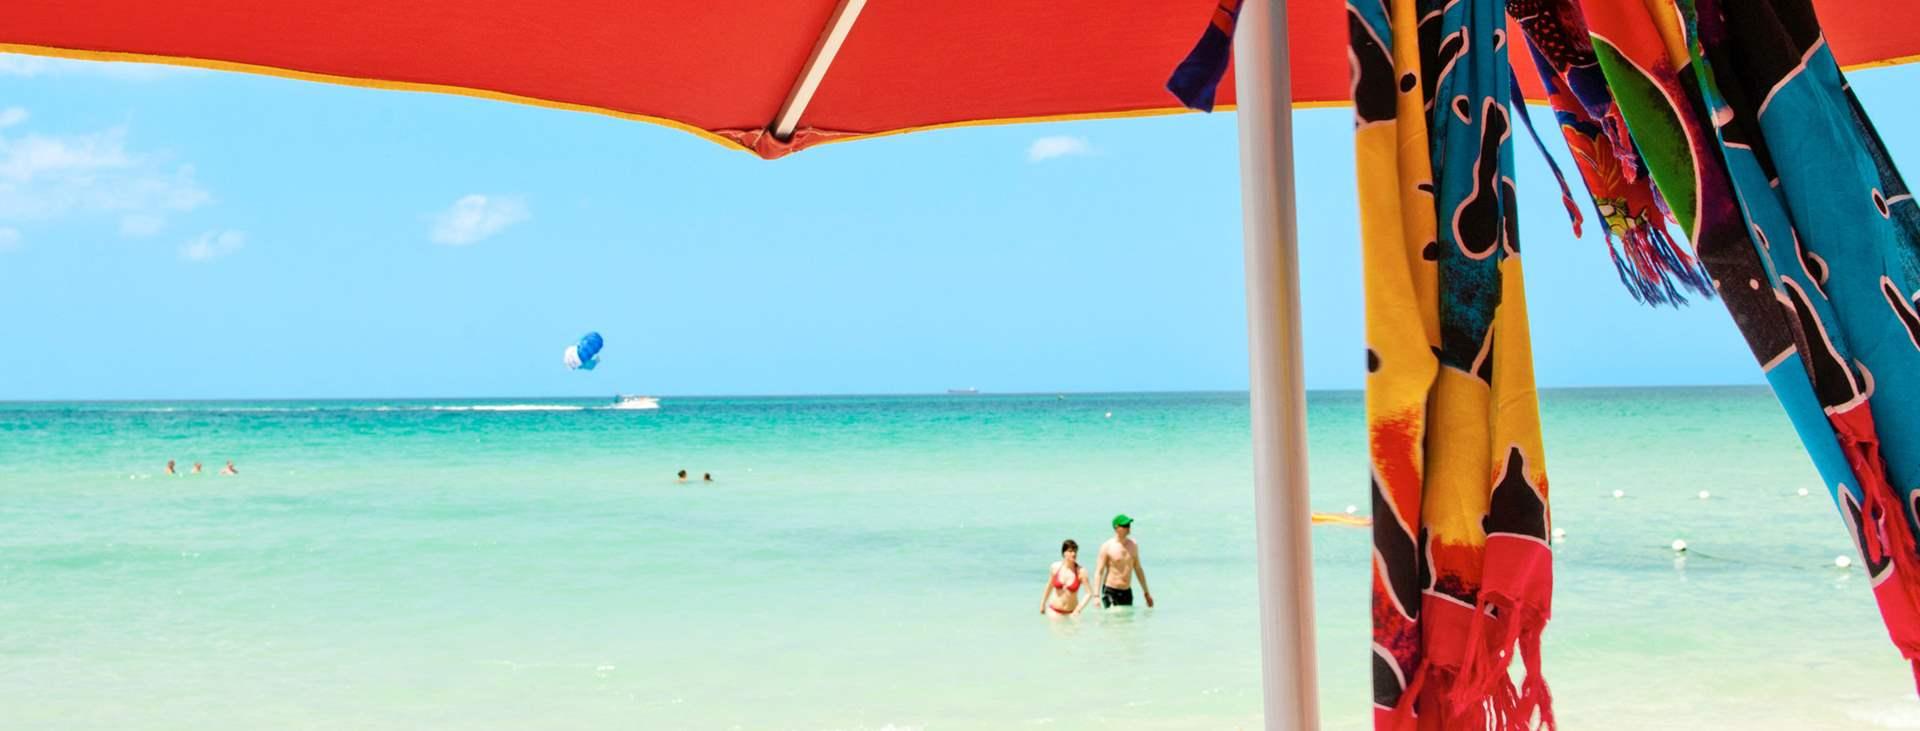 Unelma Karibiasta - Varaa matka Jamaikalle